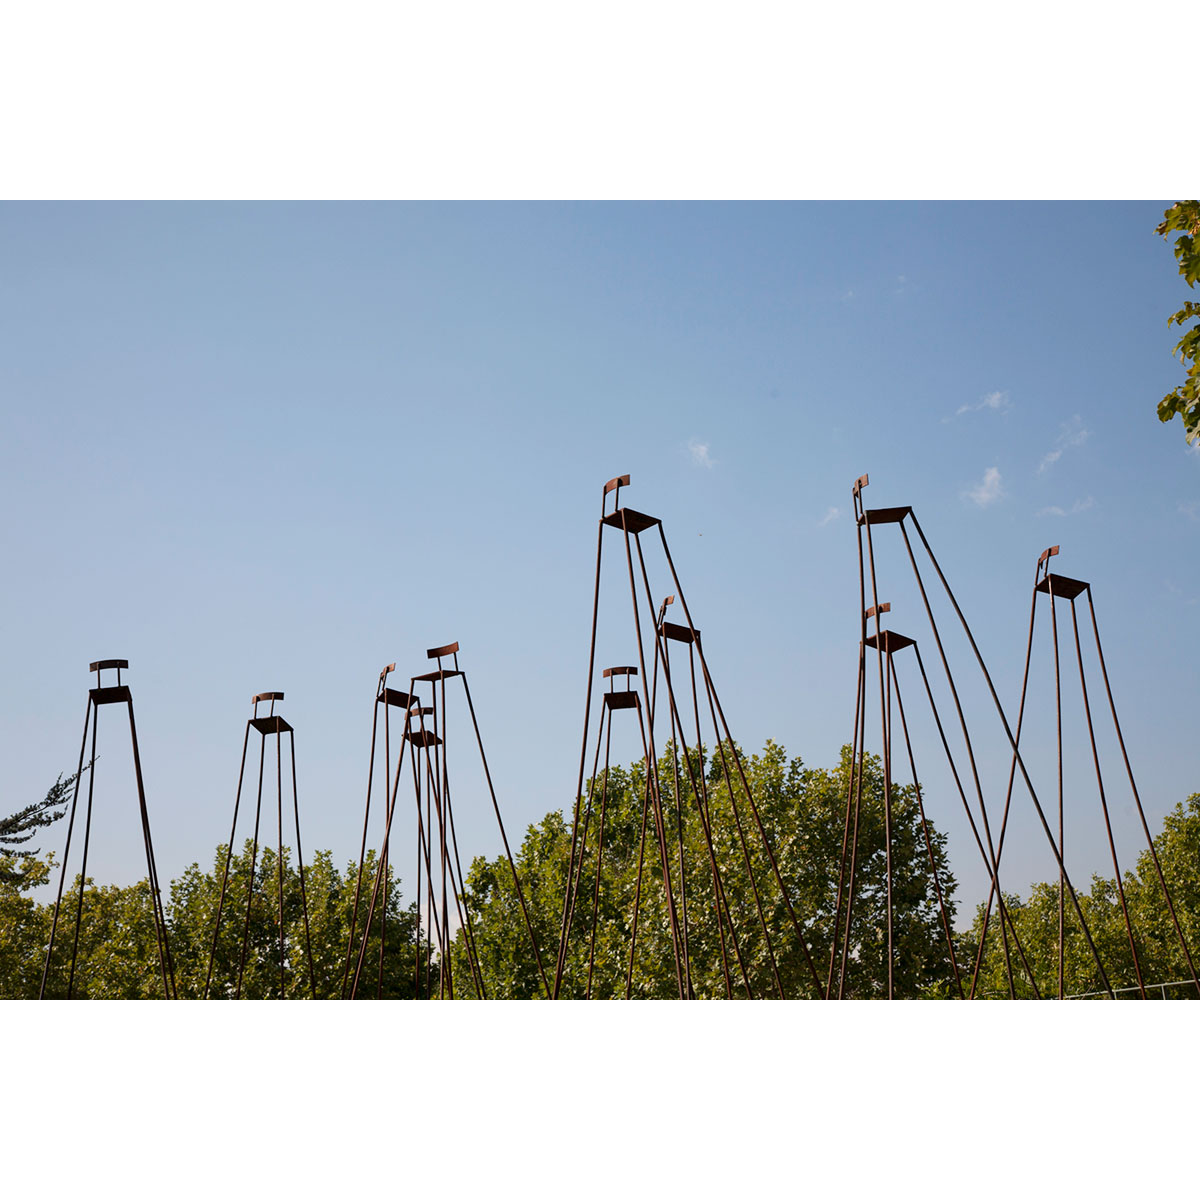 LEANDRO ALONSO - Sobre hombros de gigantes